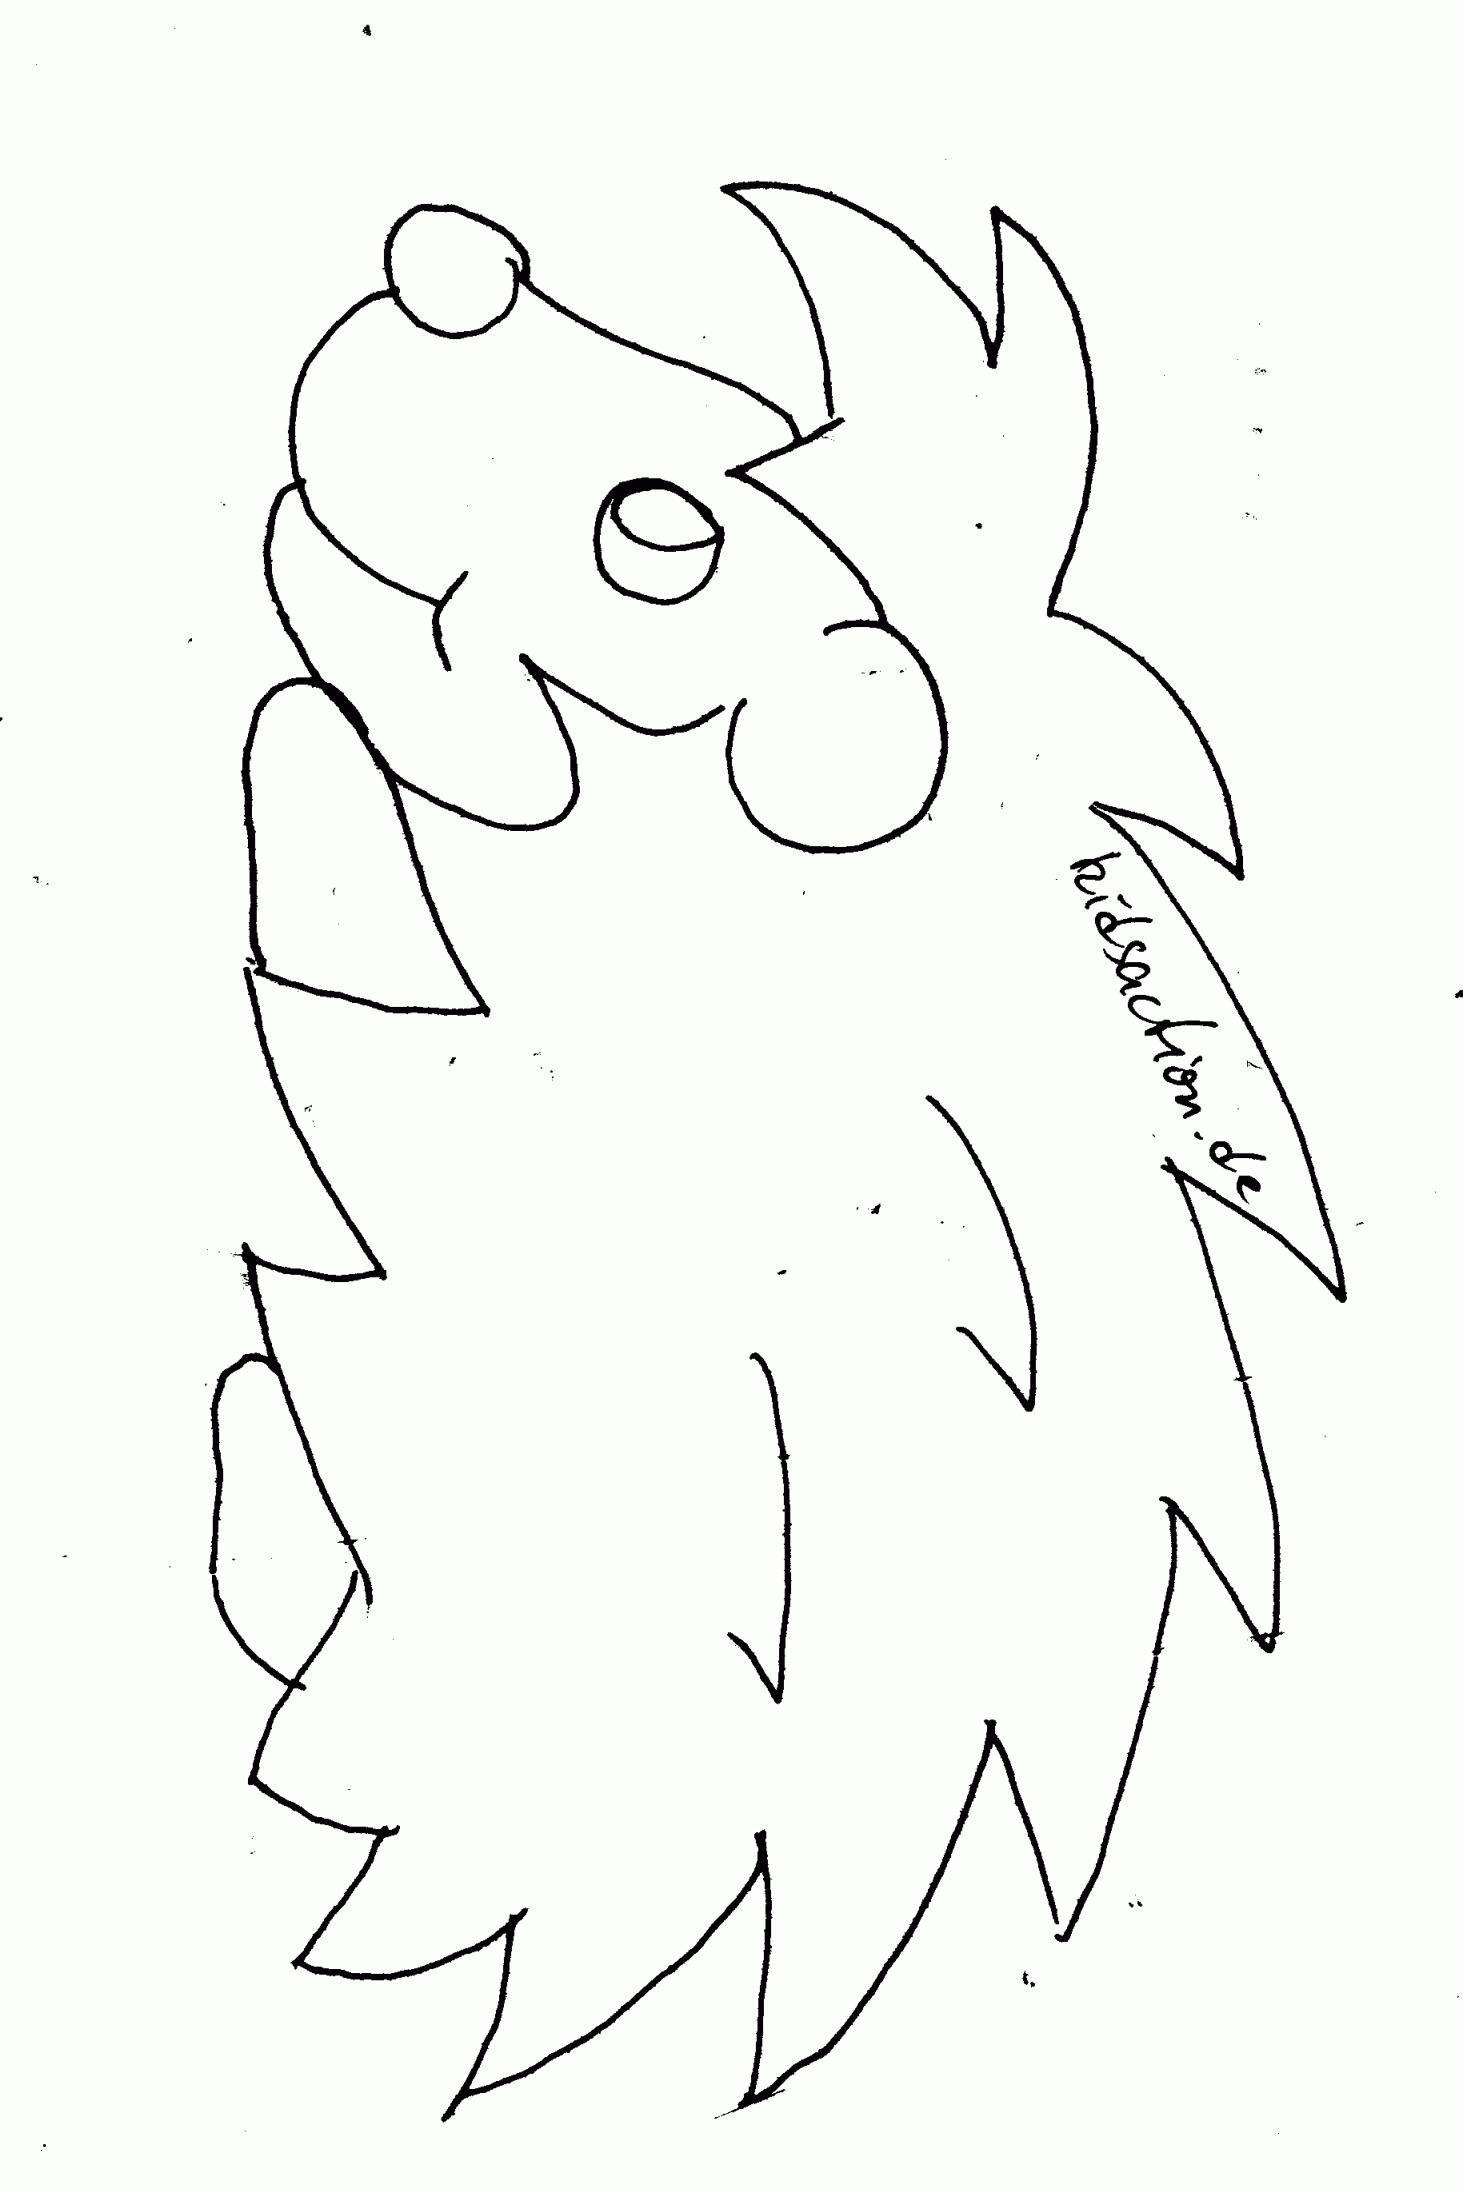 Pinguin Vorlage Zum Ausmalen Das Beste Von 36 Schöpfung Fasching Ausmalbilder Treehouse Nyc Bild